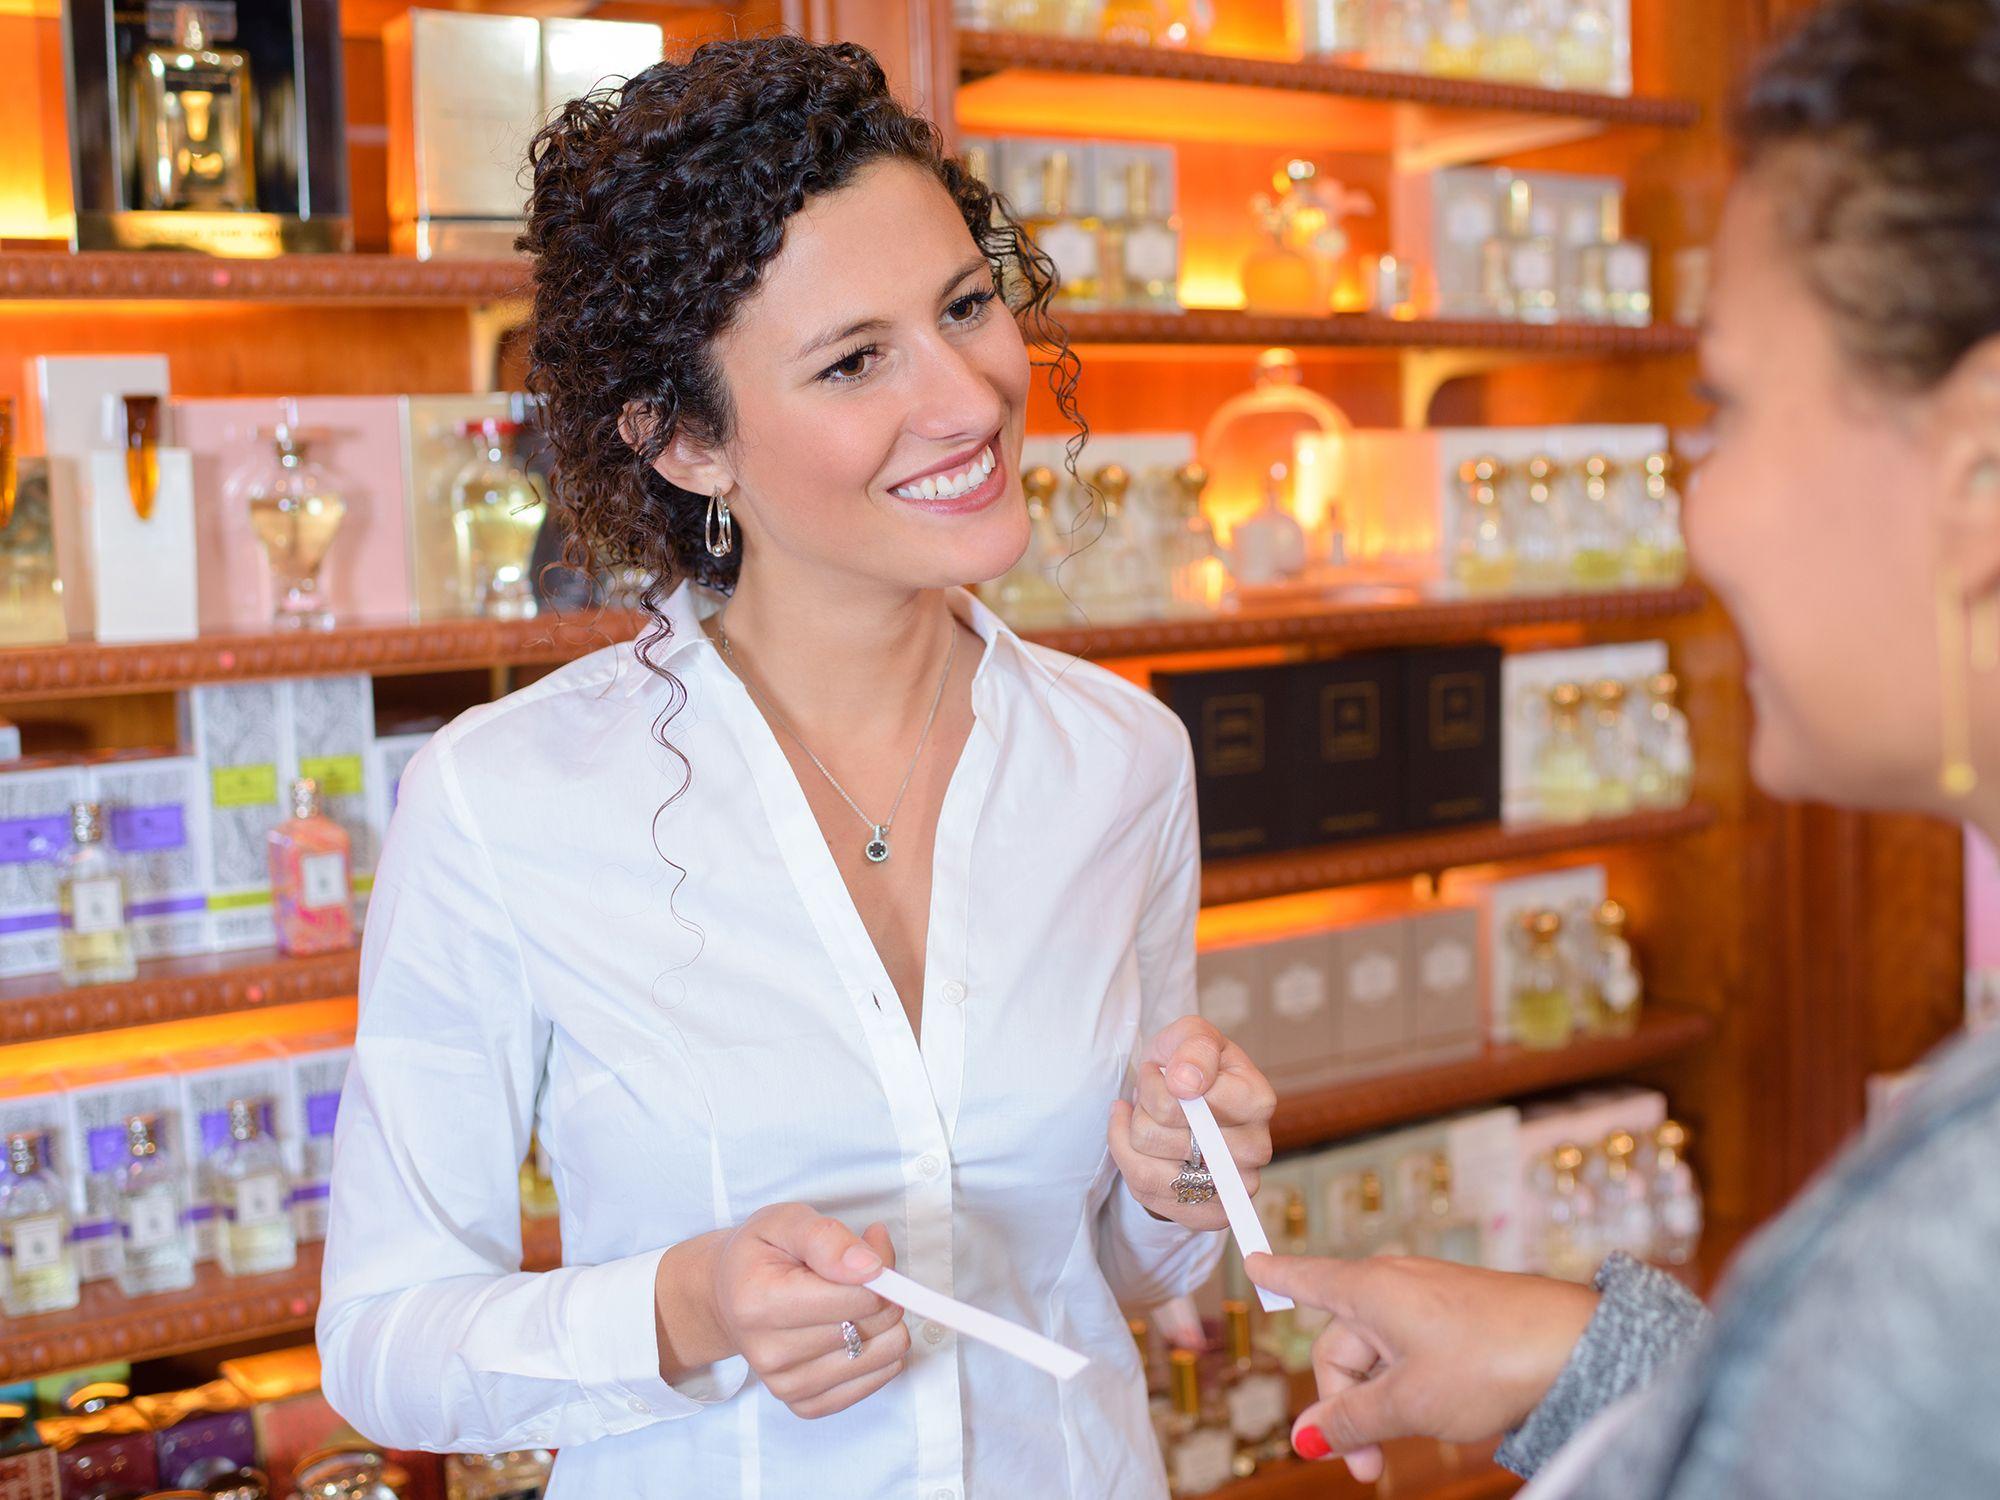 Level 5 - Verkäufer wie Verkaufsprofis, Verkaufstalente, Textilverkäufer, Bäckereiverkäufer, Elektronikverkäufer, Fachverkäufer, Verkaufsberater, Verkaufsmanager, Verkauf Aushilfen, Vertriebsprofis, Verkaufsexperten, Verkaufsmitarbeiter und Vertriebler zwecks direkter Personalvermittlung oder Zeitarbeit per Arbeitnehmerüberlassung und Personalüberlassung für den Einzelhandel, Kundenservice, Kundenbetreuung, Kundenbindung, Außenhandel, Außendienst, Vertrieb, Direktvertrieb, Vertriebsberatung, Verkaufsförderung, Absatzförderung, Verkaufsinnendienst, Verkaufsabteilung und Großhandel finden und buchen